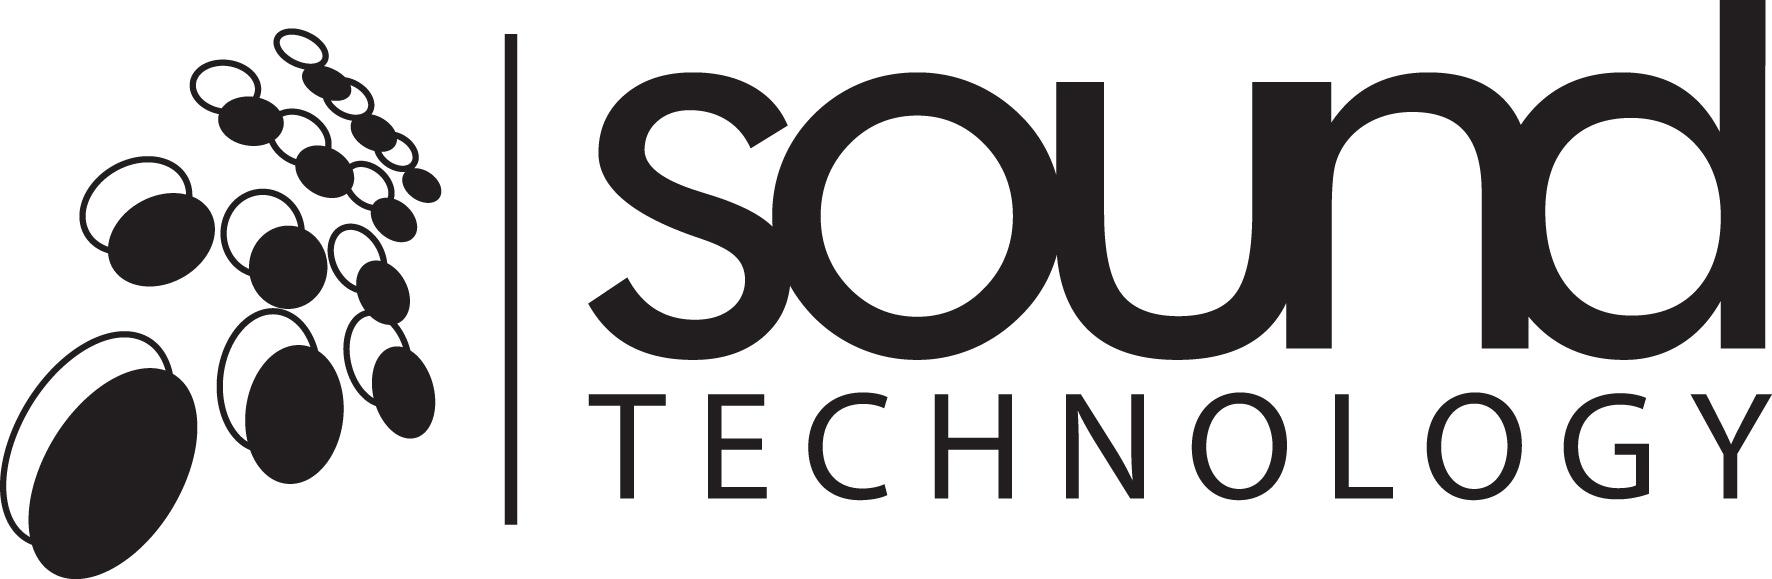 sound technology logo